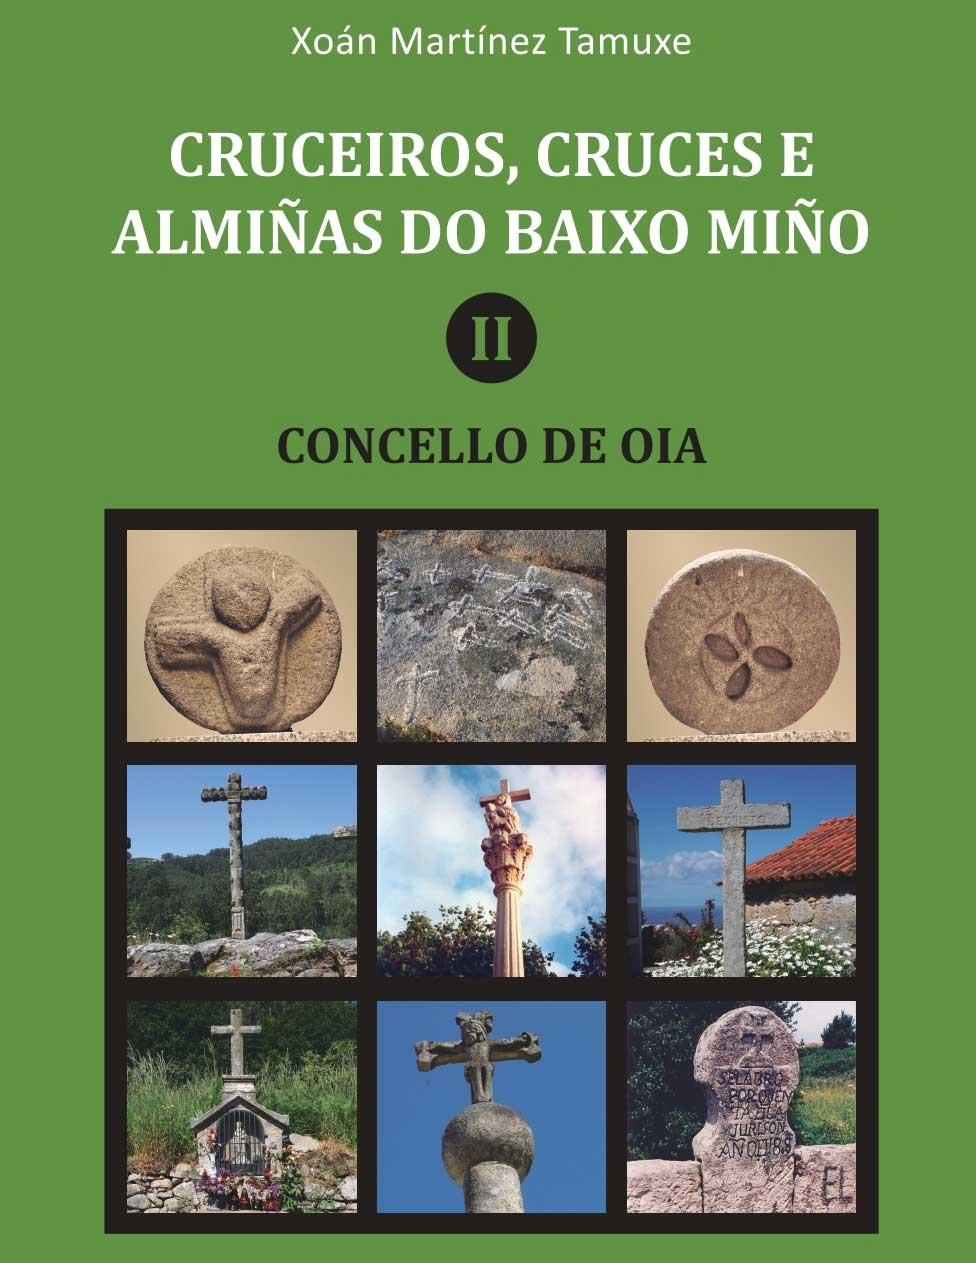 Presentación libro 'Cruceiros, Cruces e Almiñas de Oia', de Xoán Martínez Tamuxe